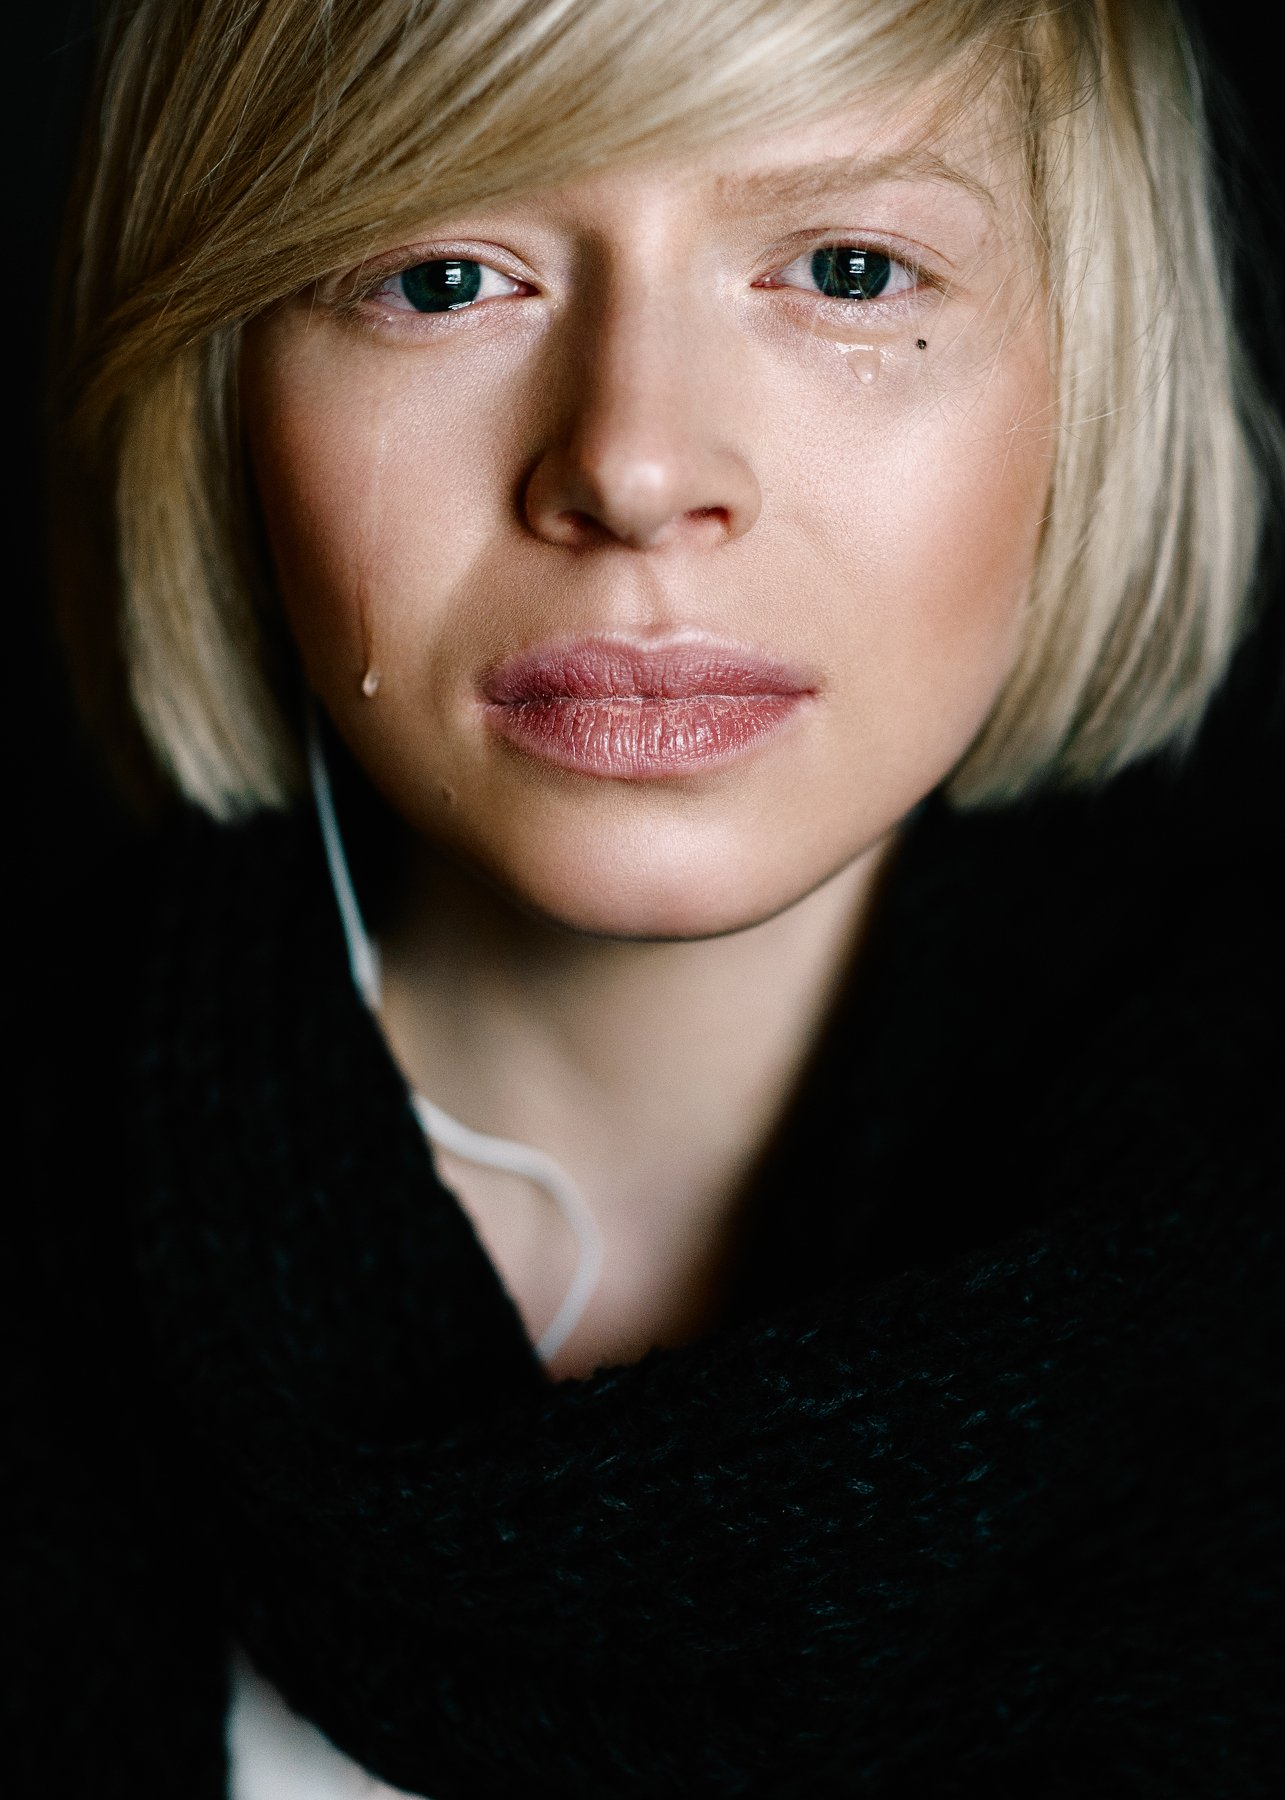 girl, cry, blond, beauty, portrait, Nikita Korokhov